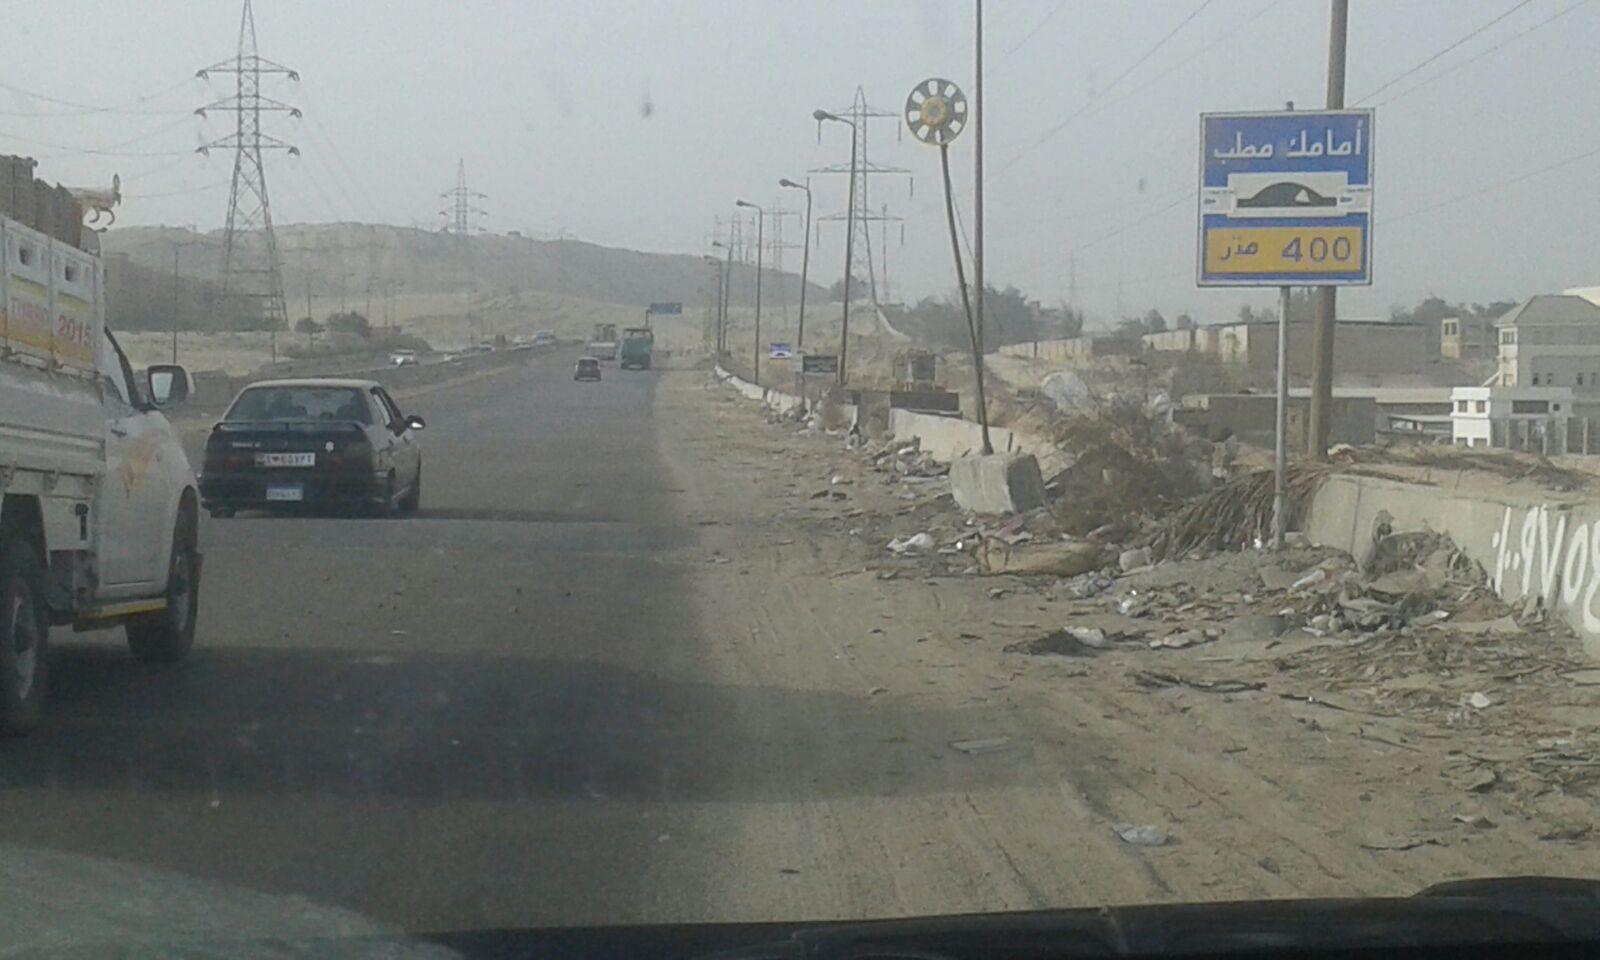 بالصور.. يحدث في مصر.. لوحات المرور: أمامك «مطب بعد 400 متر».. لكنها 10 أمتار